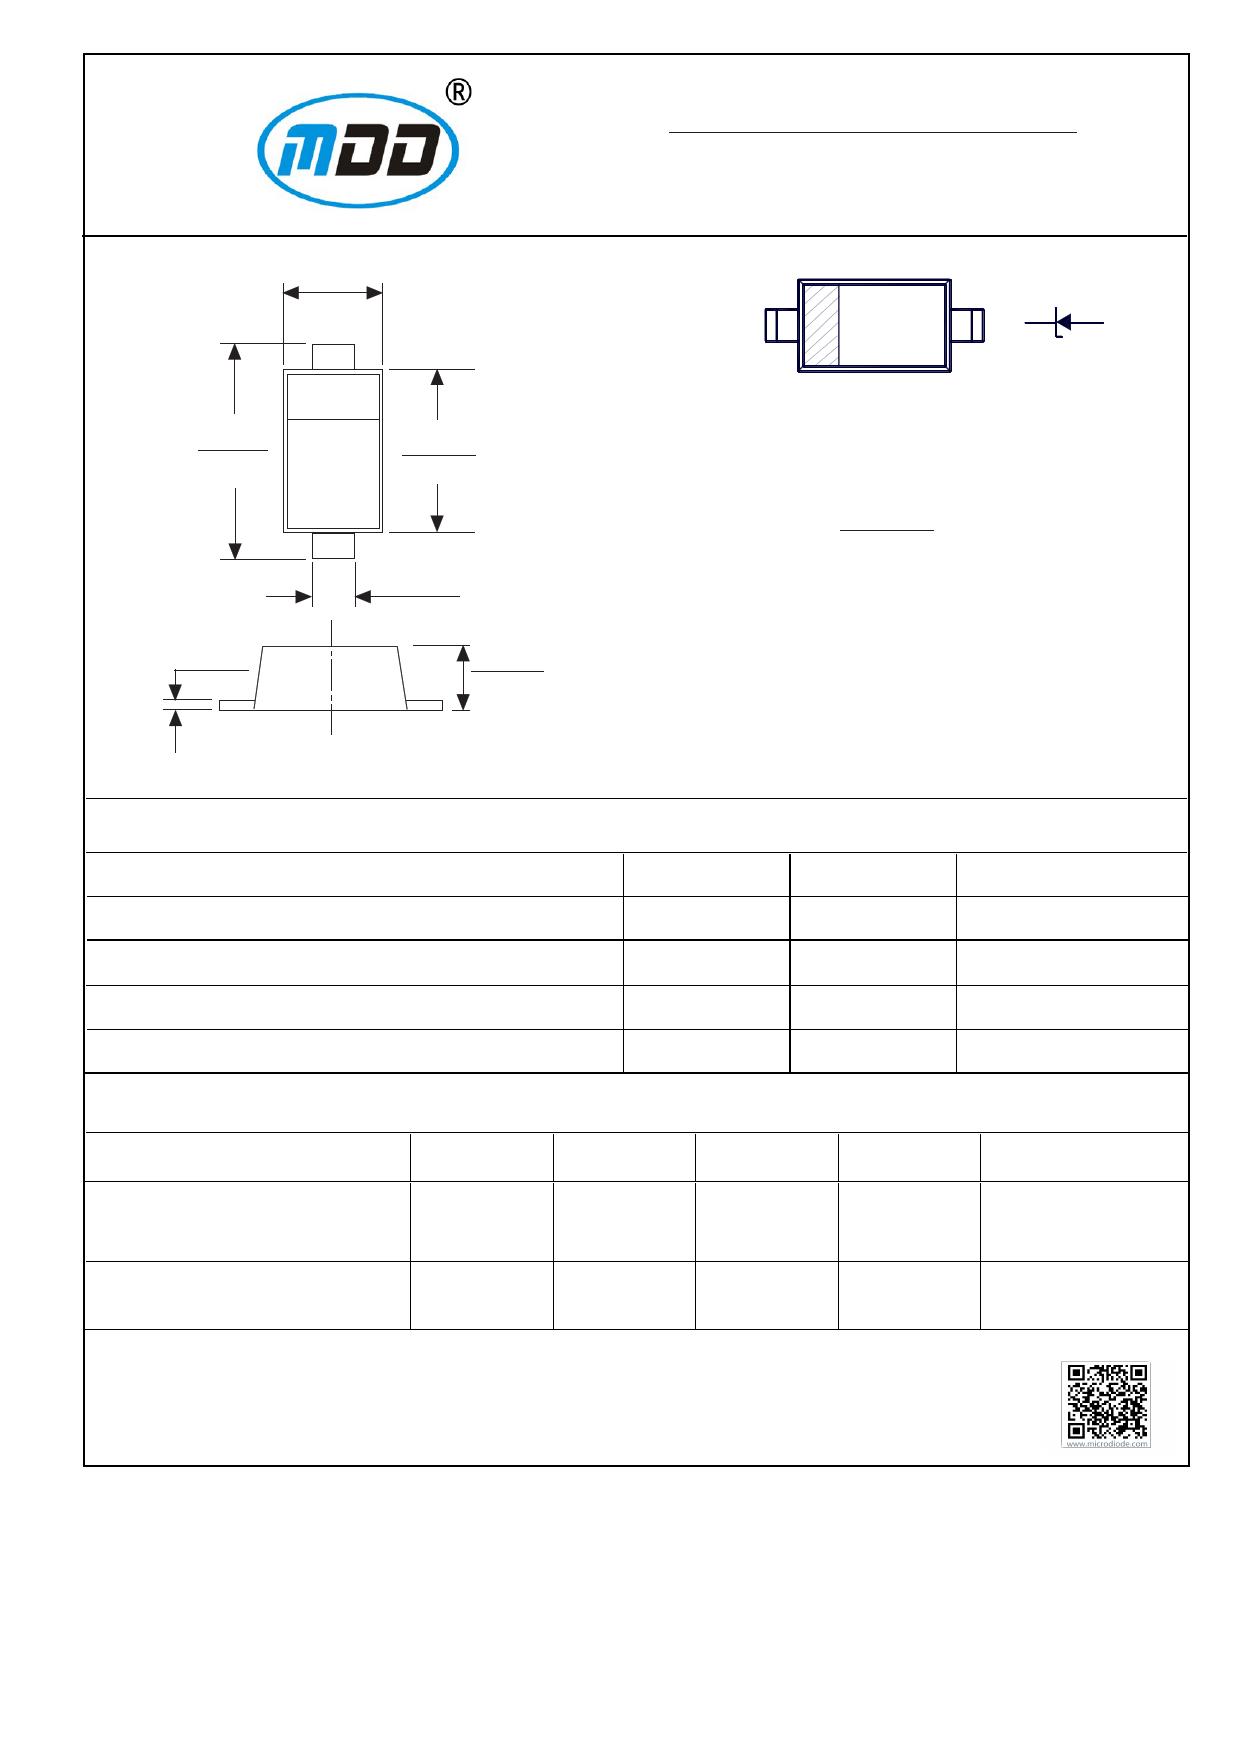 MM1Z82 datasheet